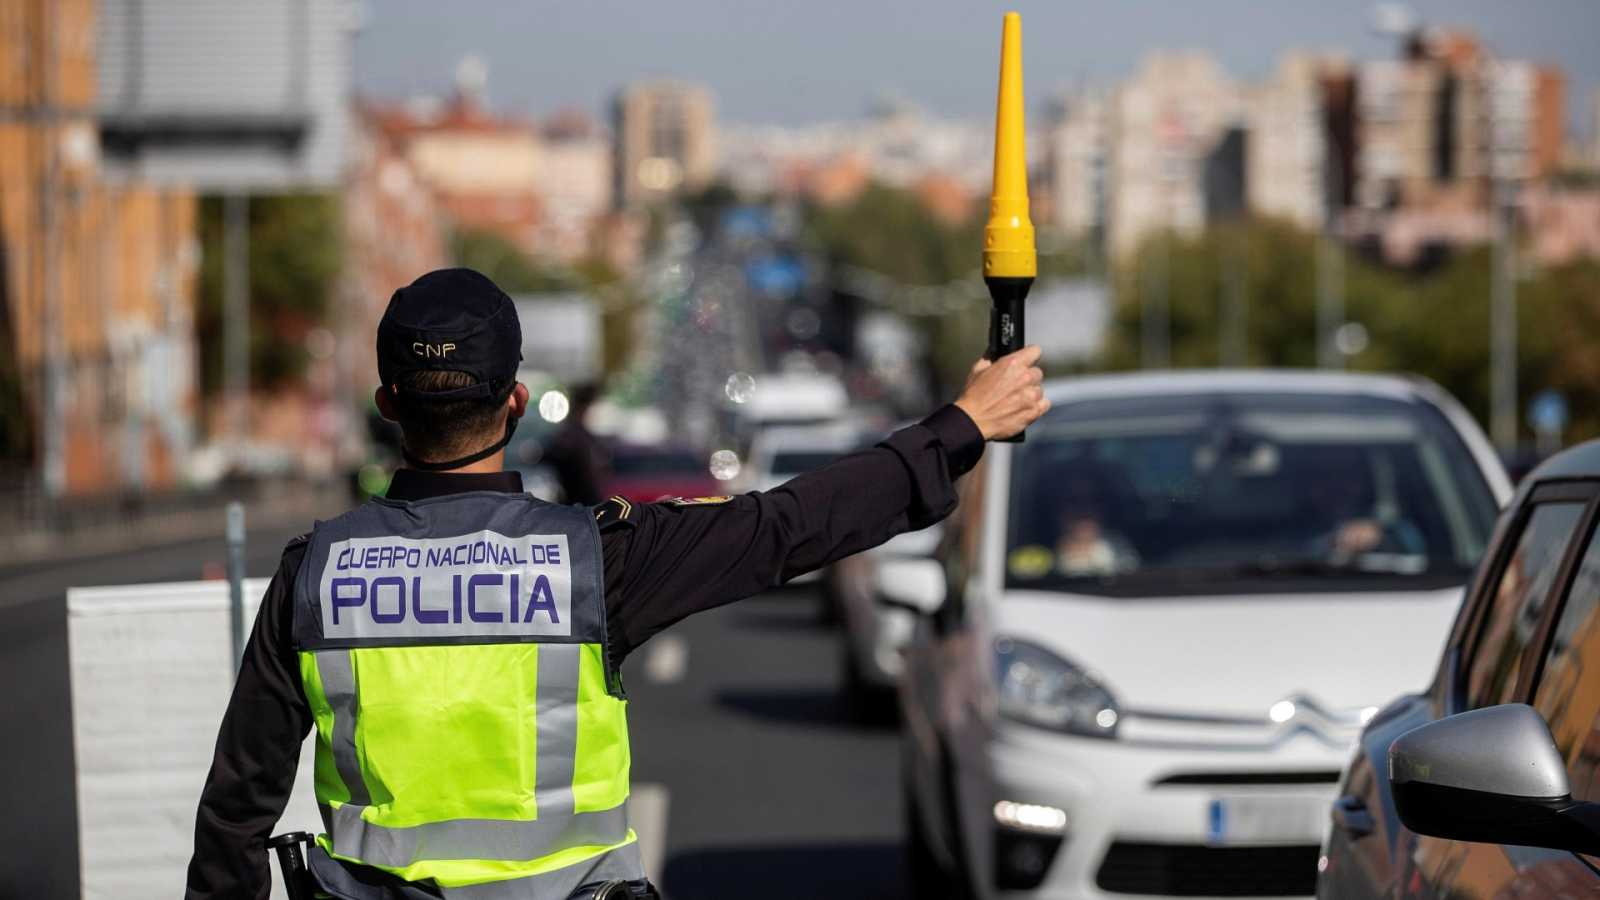 Restricciones por el estado de alarma en Madrid